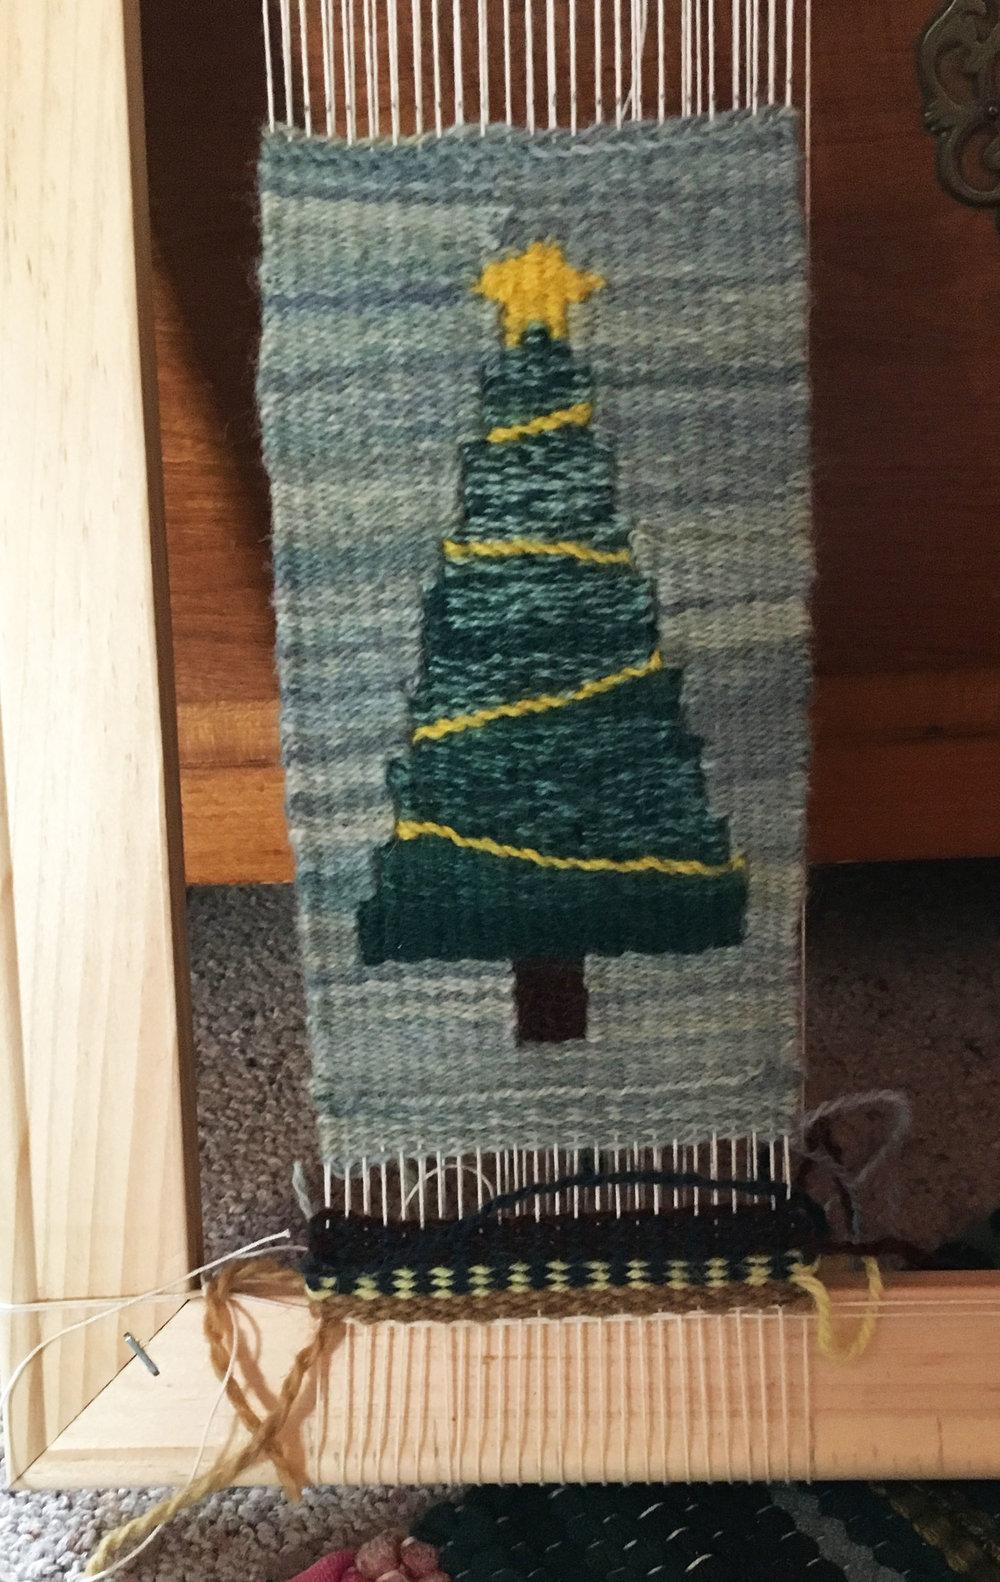 Mimi Jost's tree on the loom